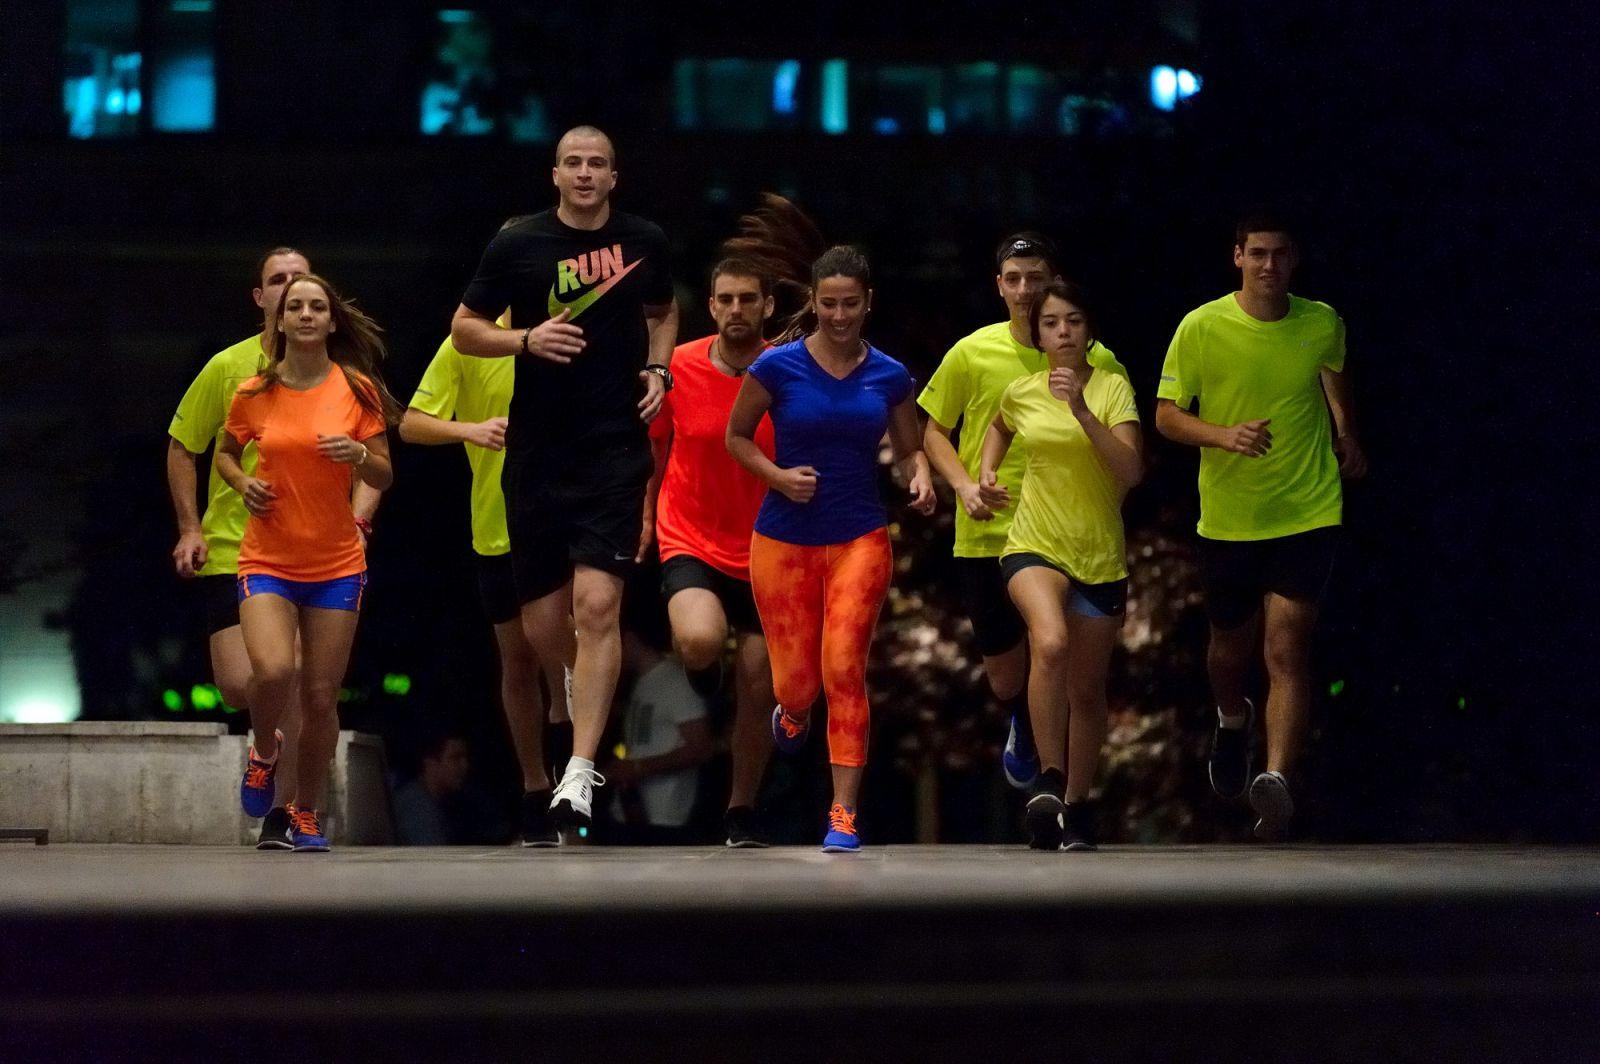 Пробежки с Nike+ Run Club: веселее и интереснее - фото №1